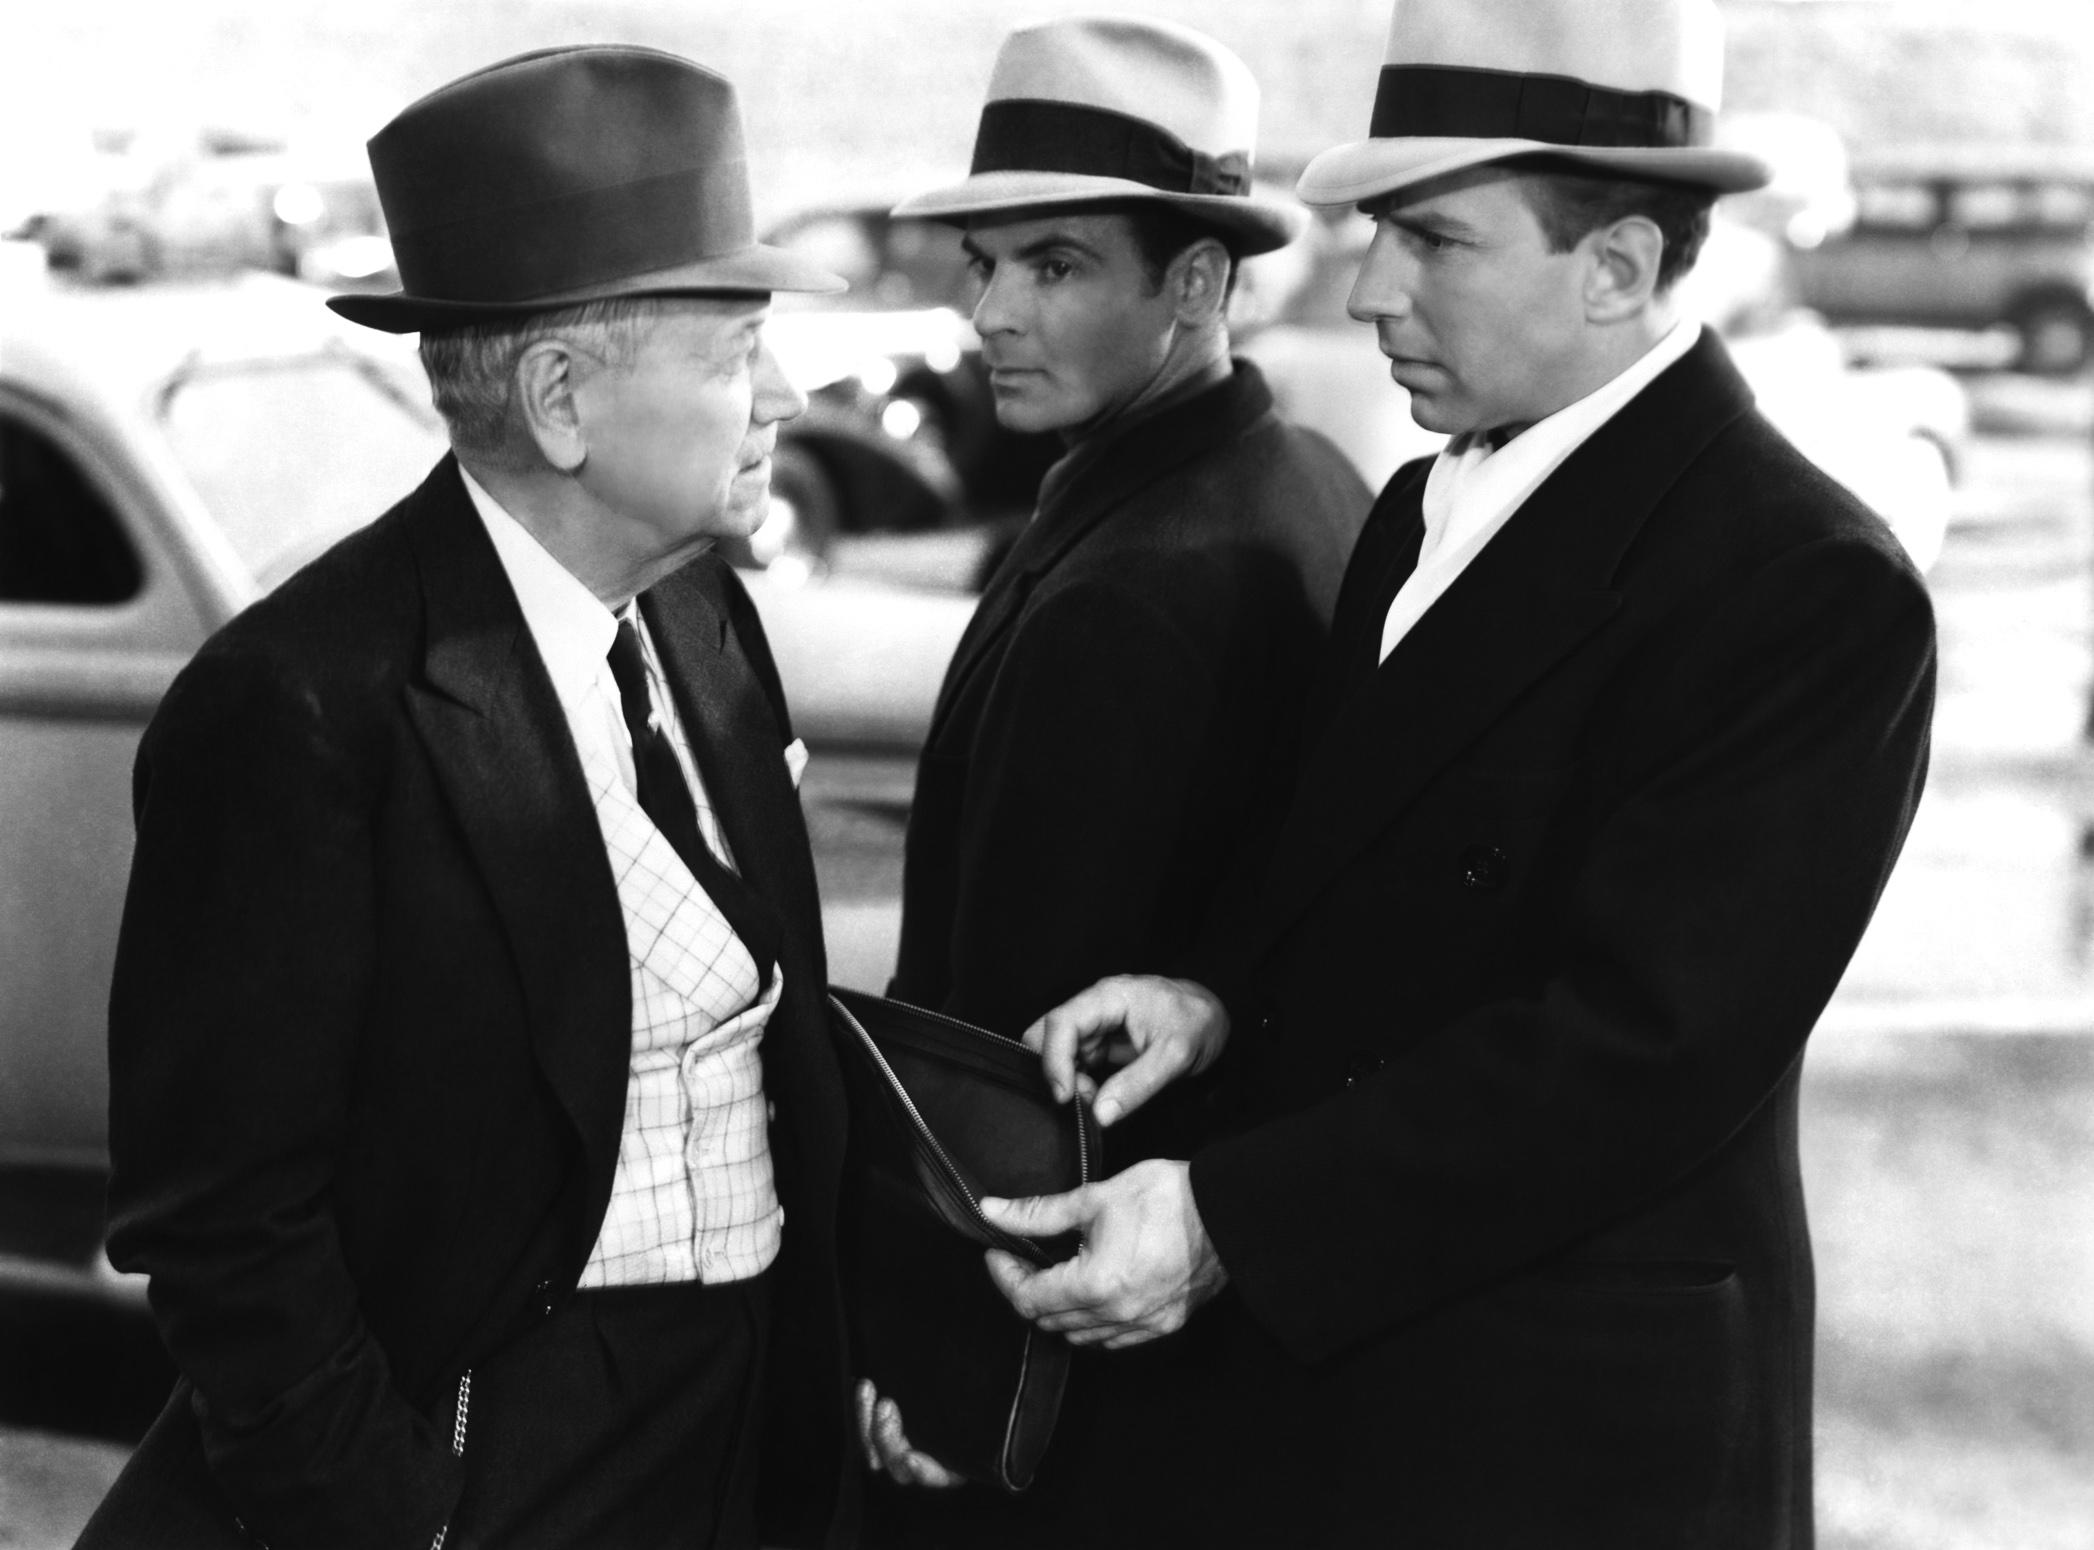 Lloyd Nolan in Johnny Apollo (L to R) Charley Grapewin, Marc Lawrence, Lloyd Nolan